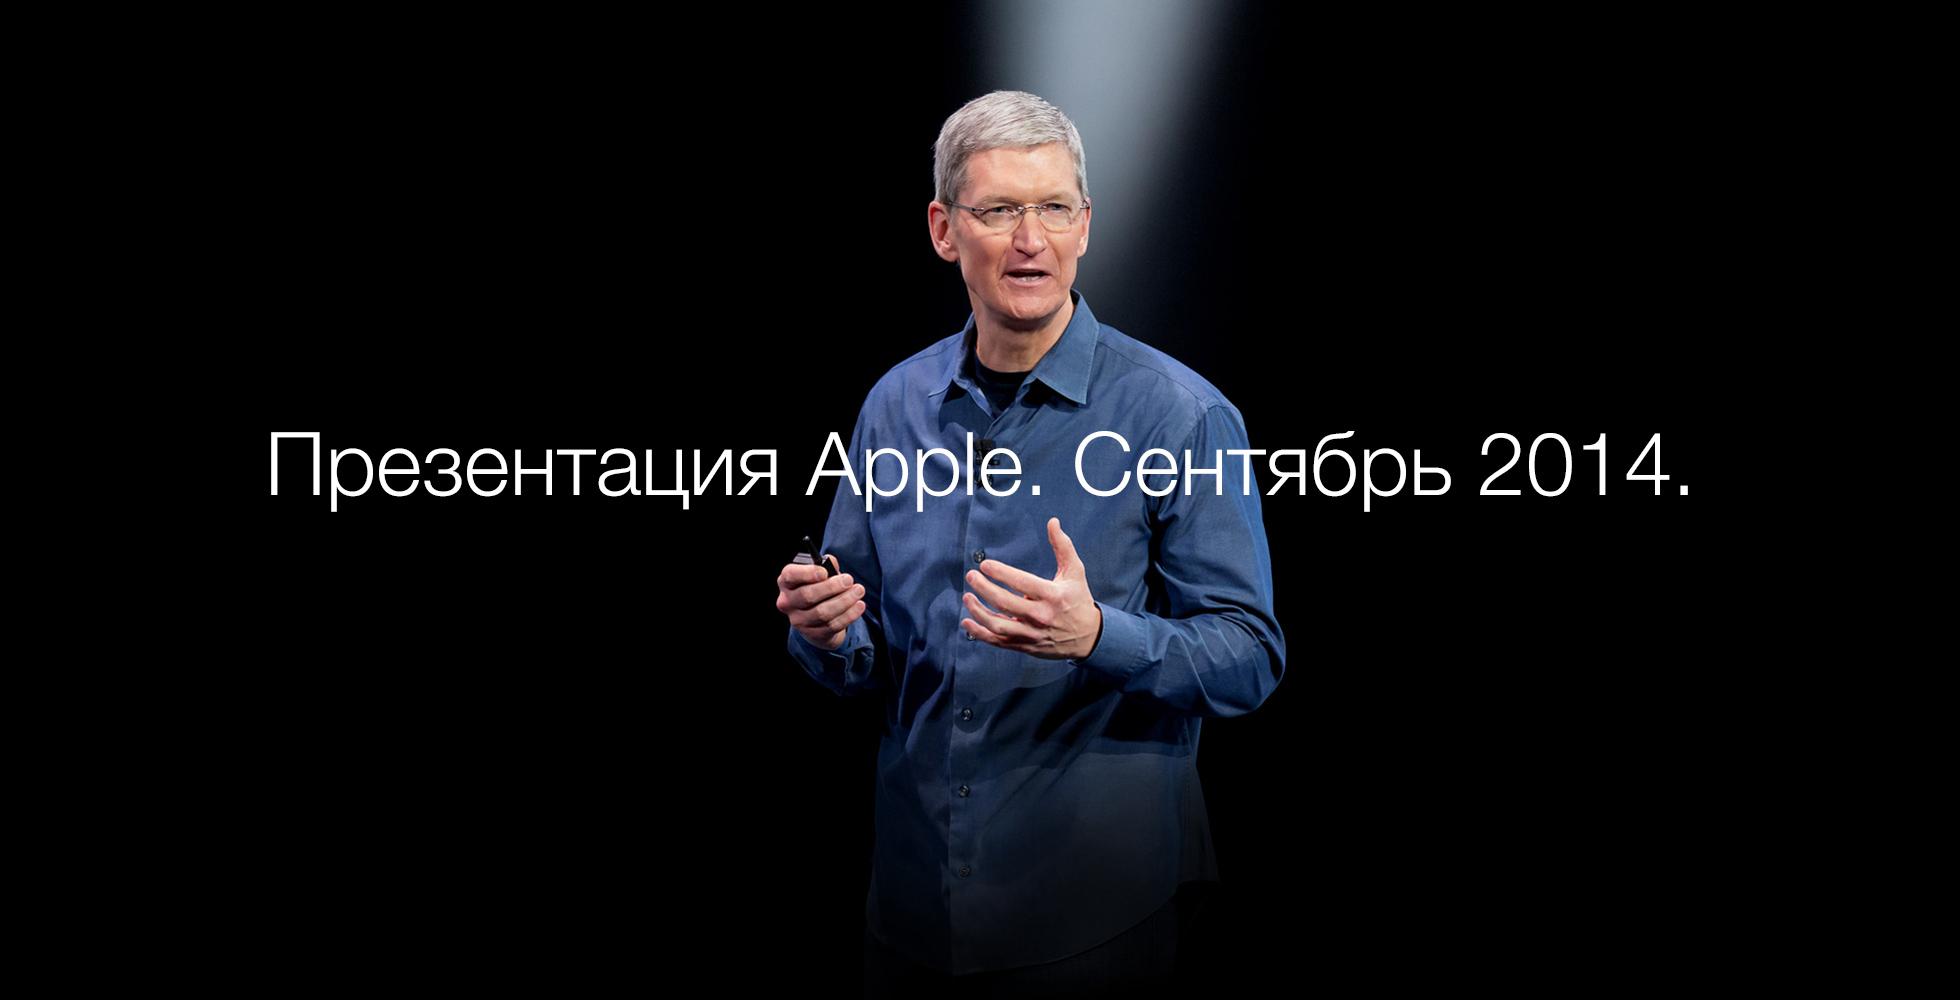 Презентация Apple. Сентябрь 2014. Полная видеозапись